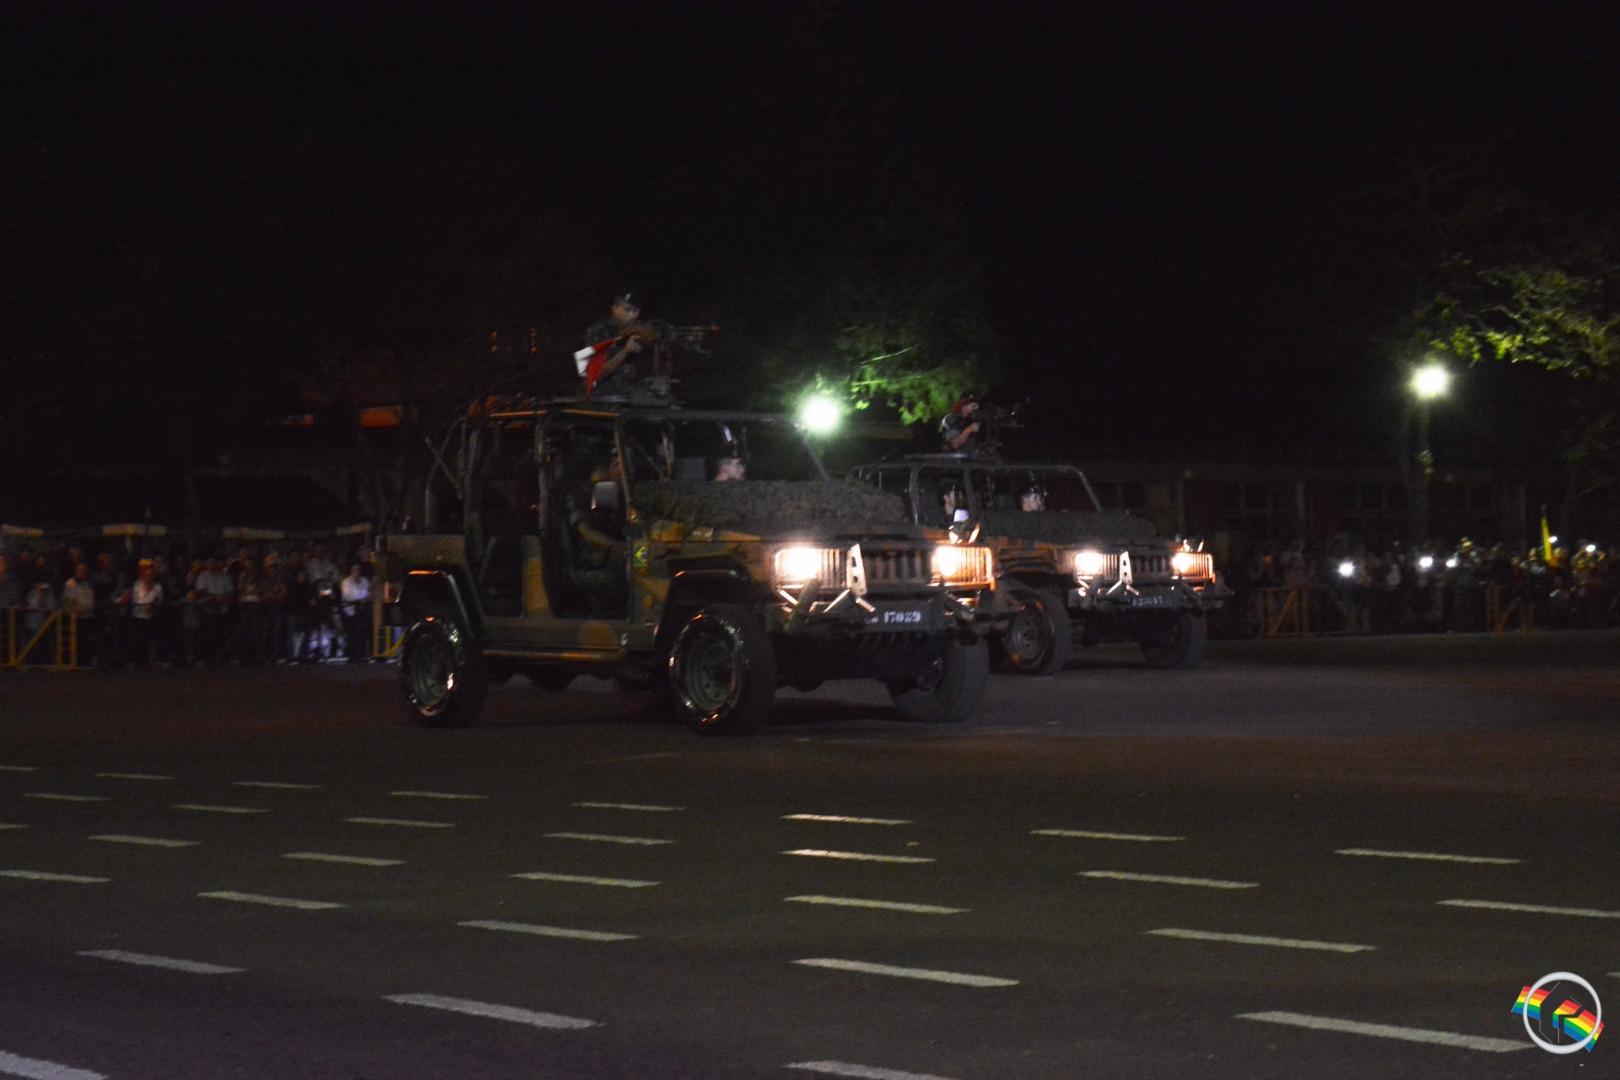 14º RCMec de São Miguel do Oeste realiza entrega da Boina Preta